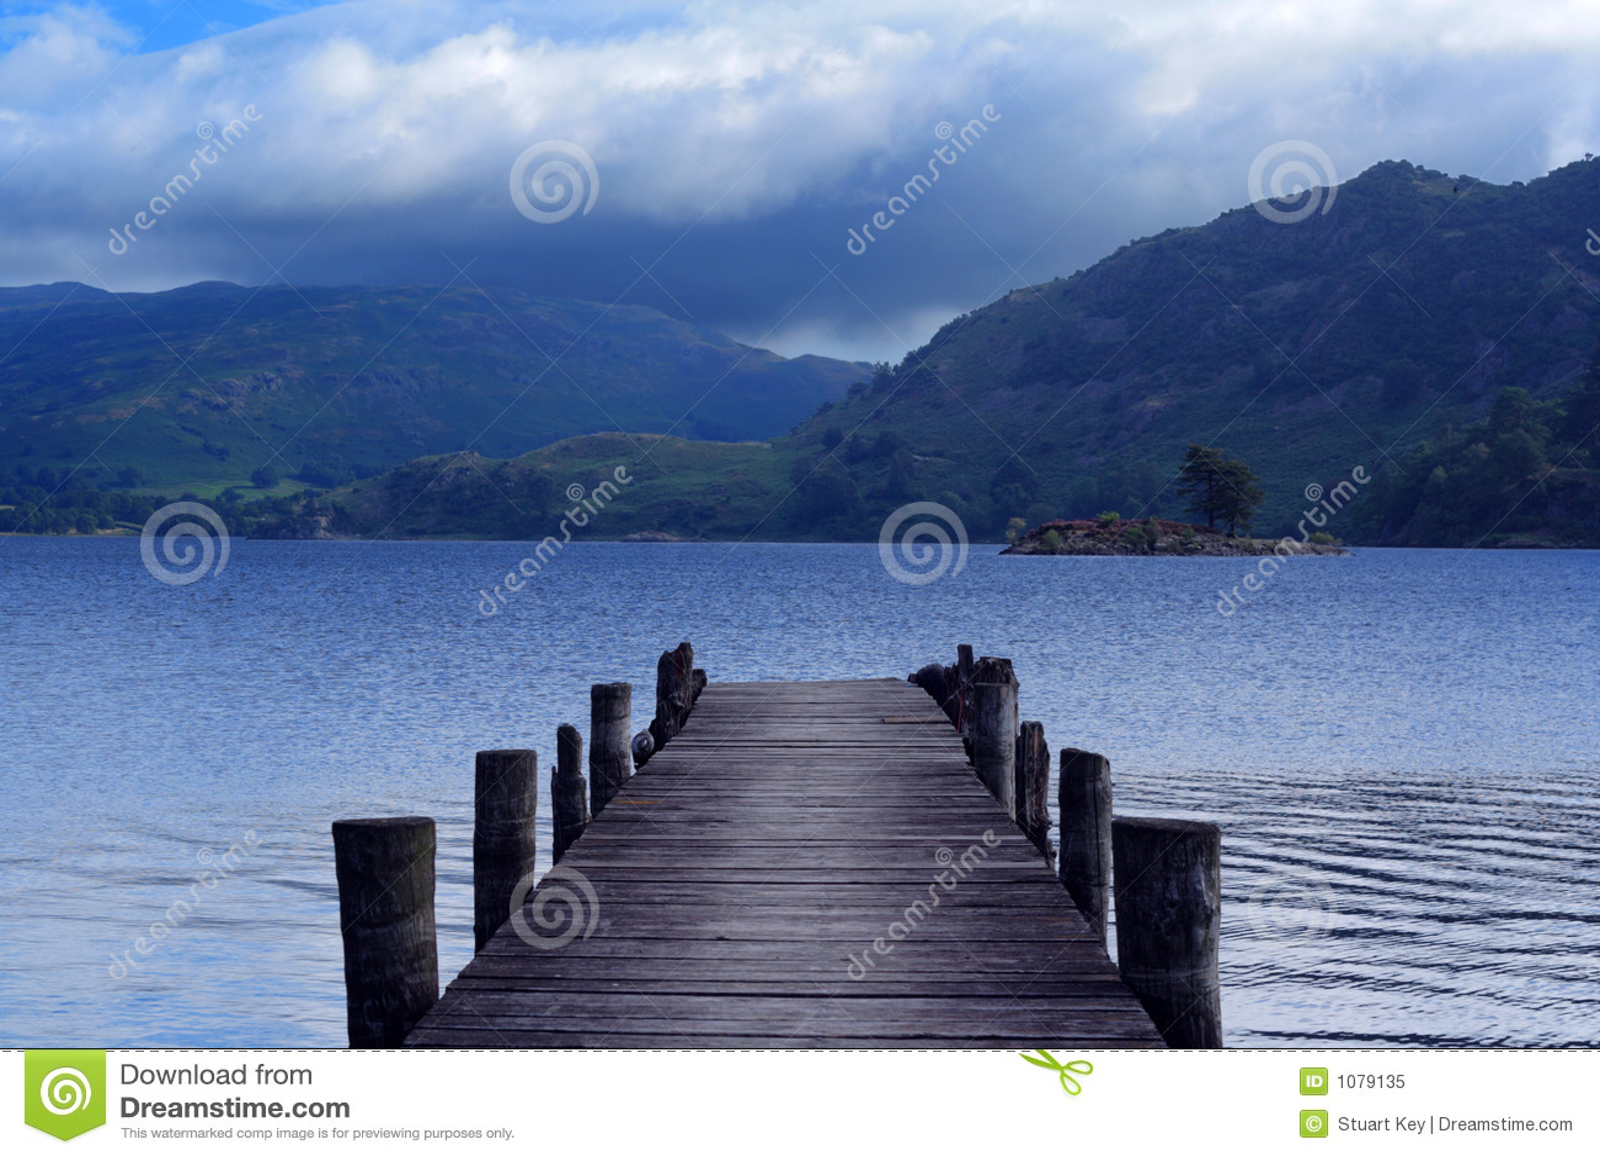 Lakeullswater